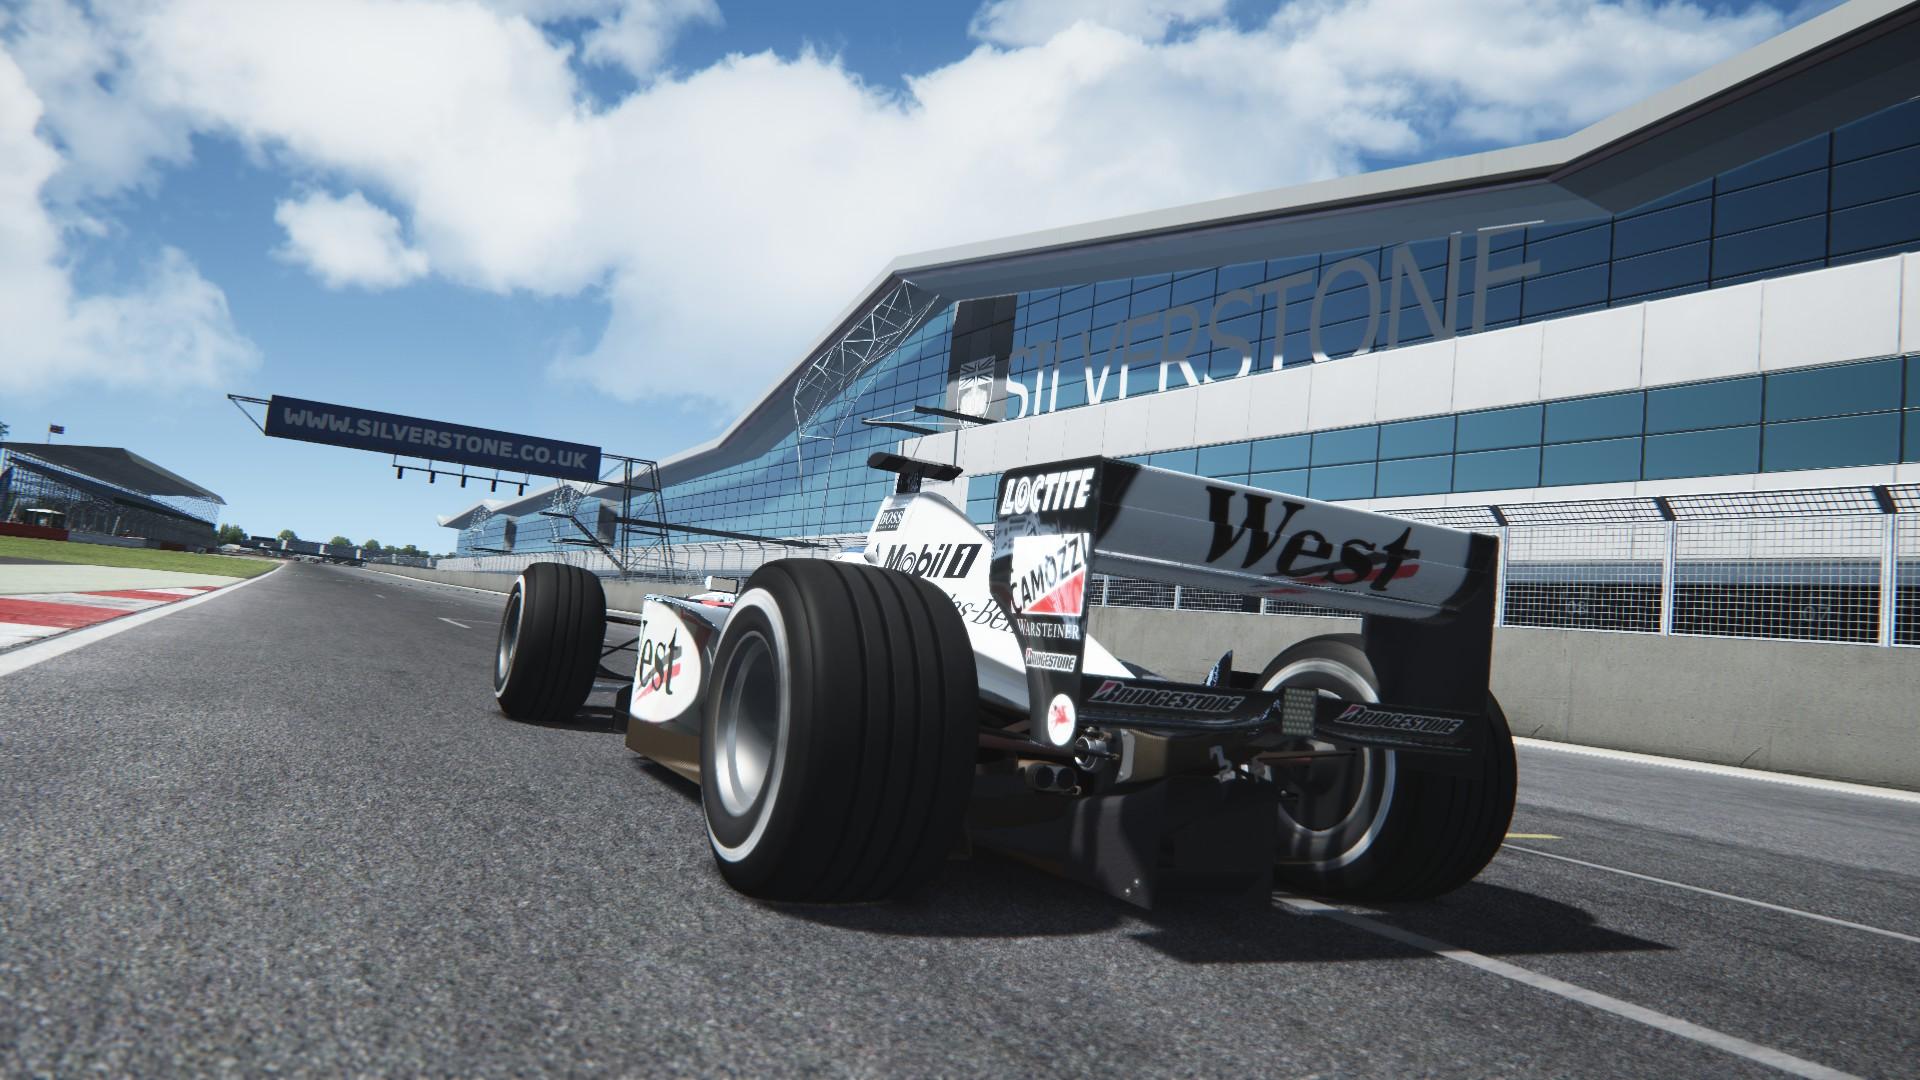 Assetto Corsa -  Mclaren mp4-13 by Virtua simulazioni Silverstone 05